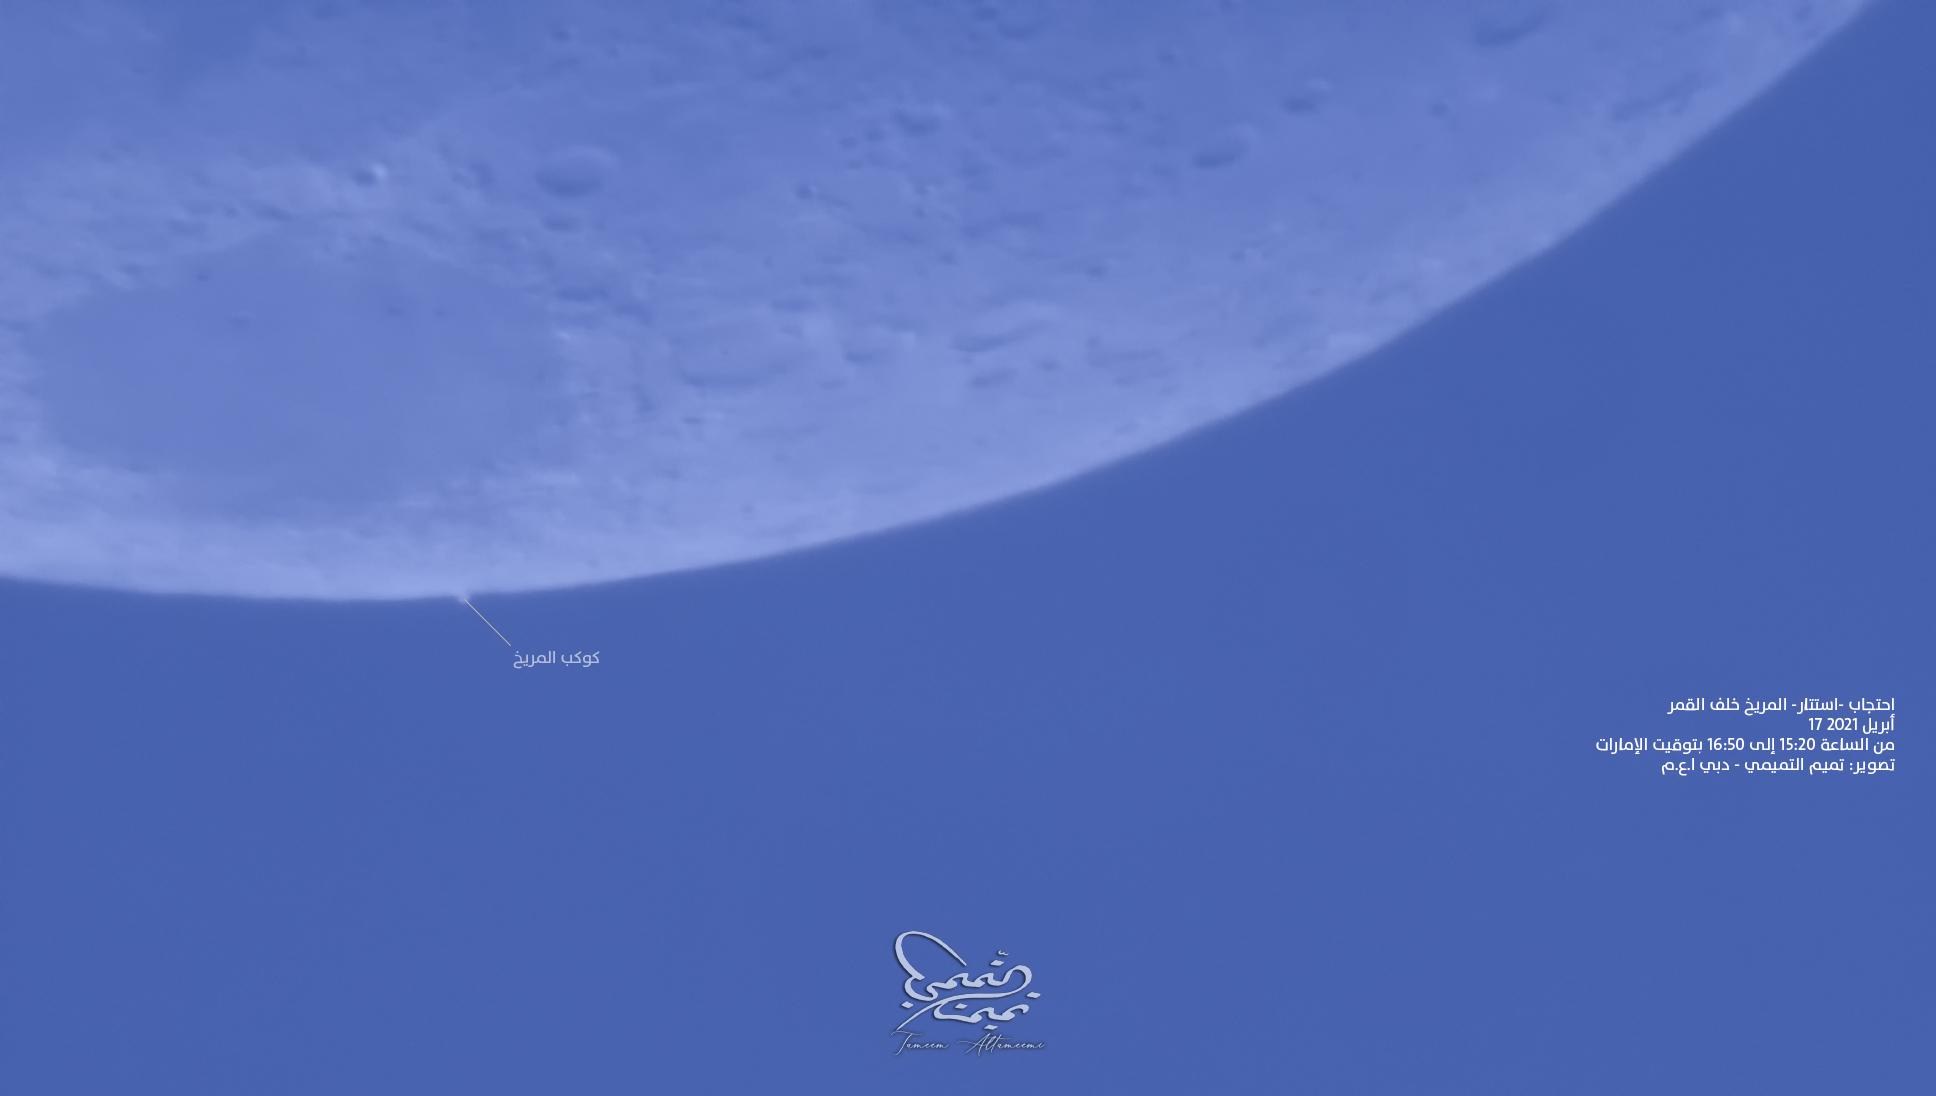 استتار المريخ خلف القمر